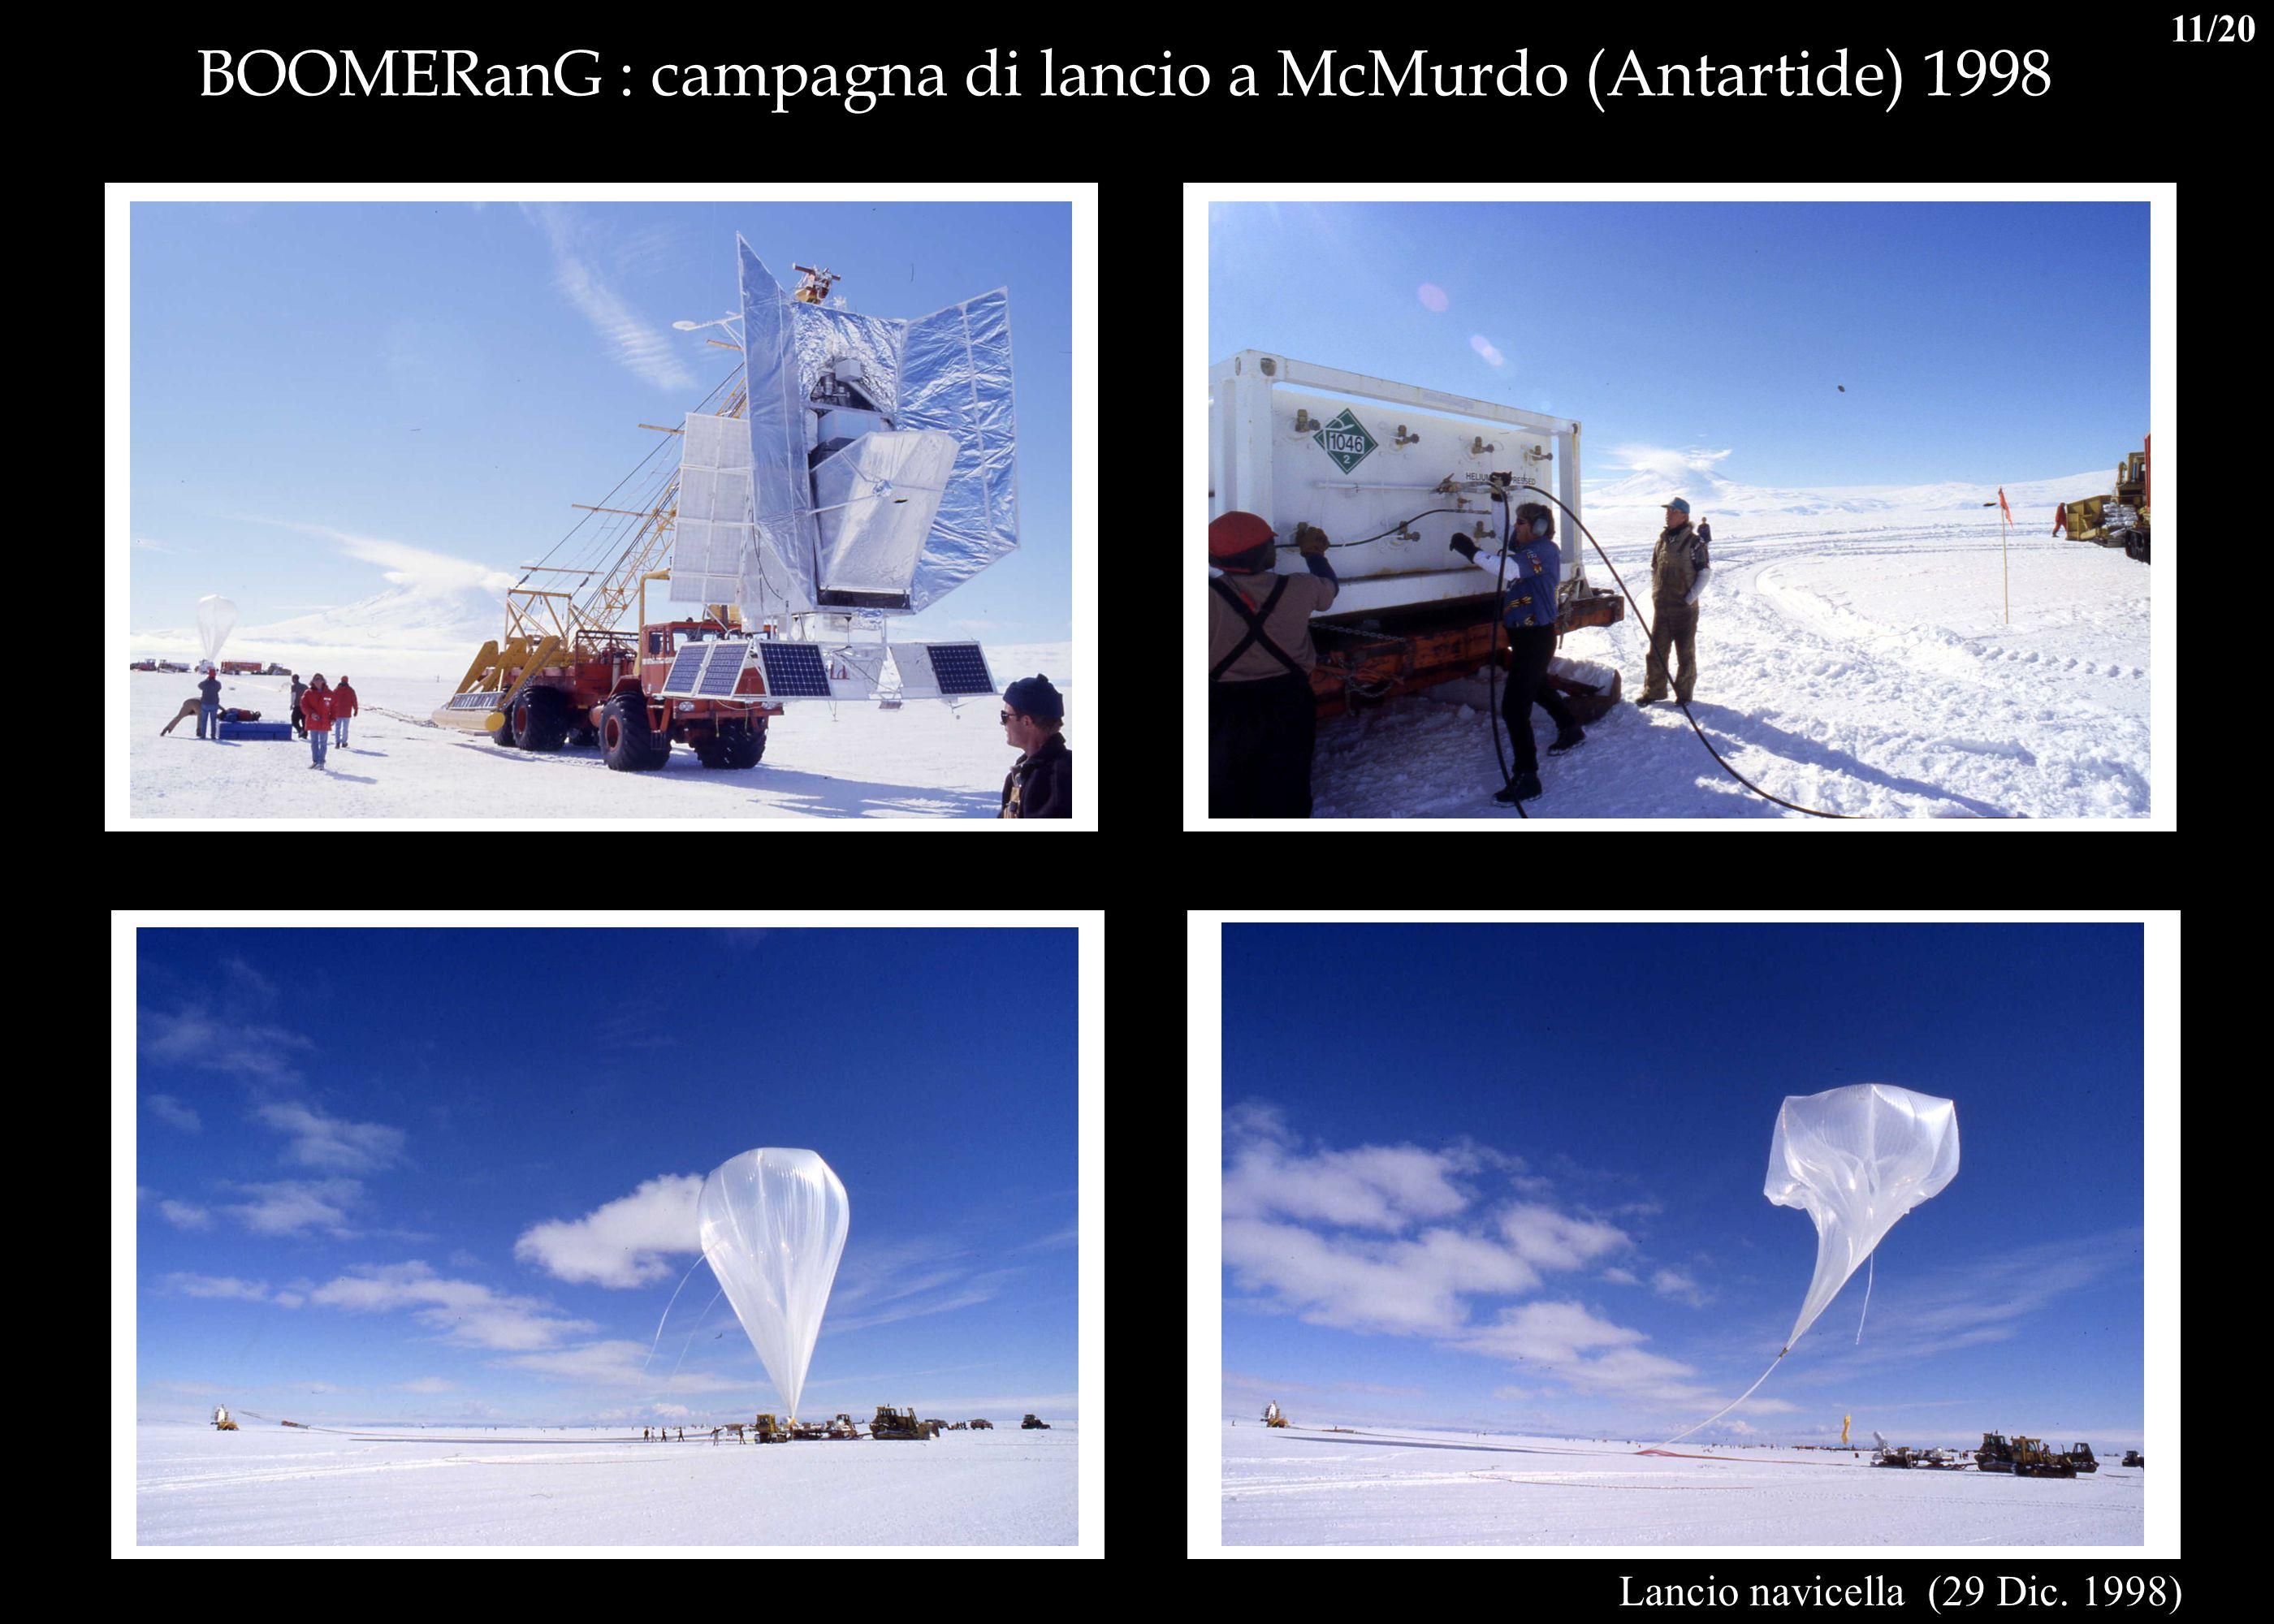 BOOMERanG : campagna di lancio a McMurdo (Antartide) 1998 Lancio navicella (29 Dic. 1998) 11/20